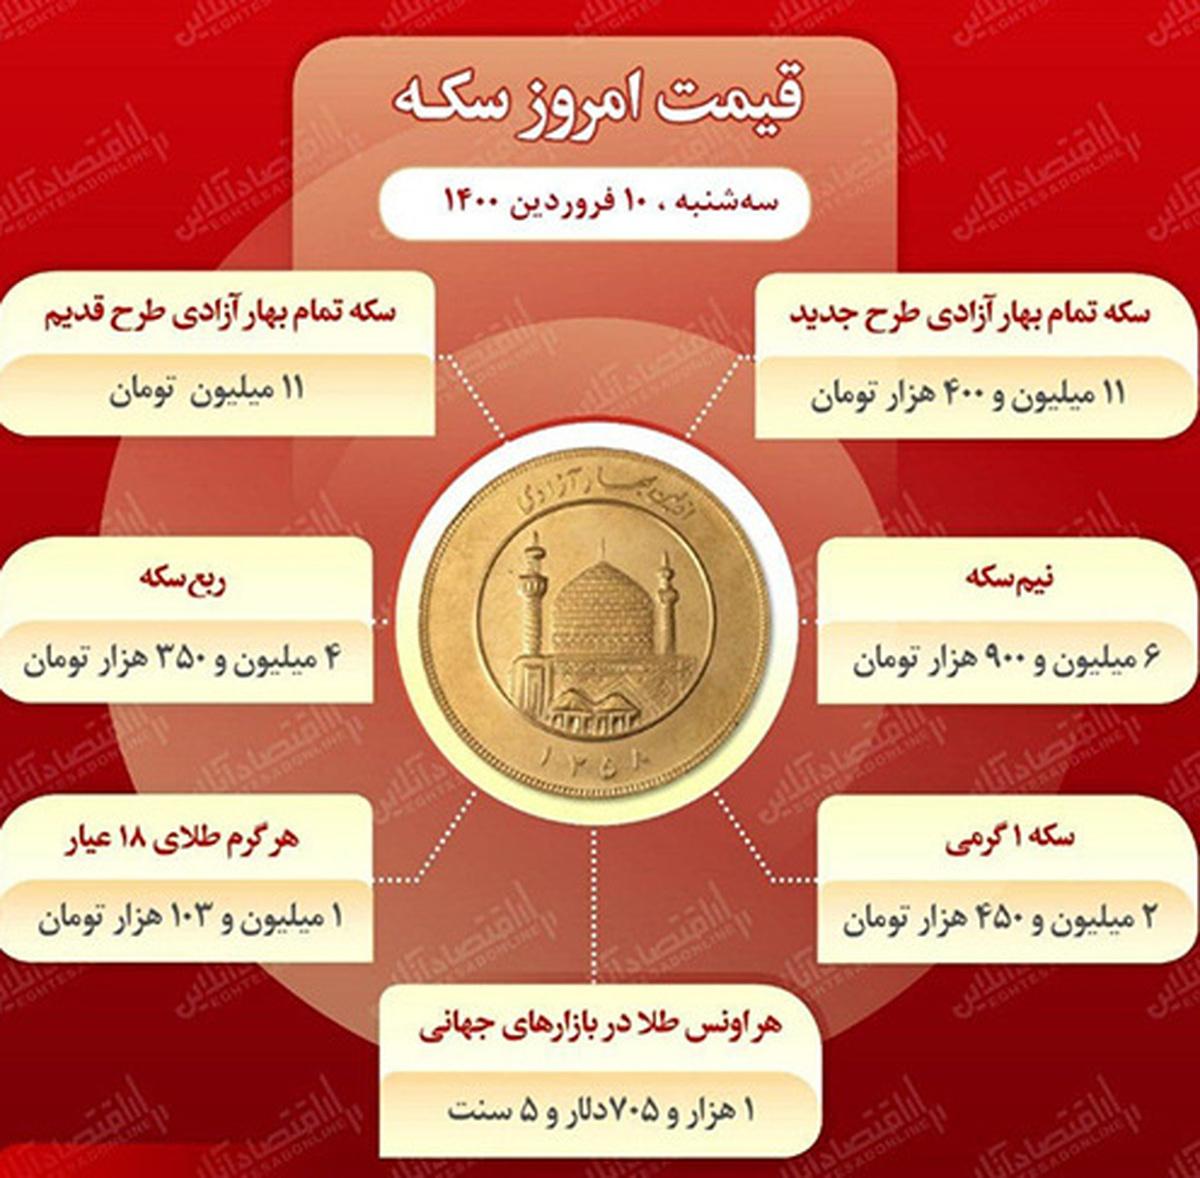 قیمت ارز، طلا و سکه امروز سه شنبه 10 فروردین| قیمت طلا و سکه چند است؟